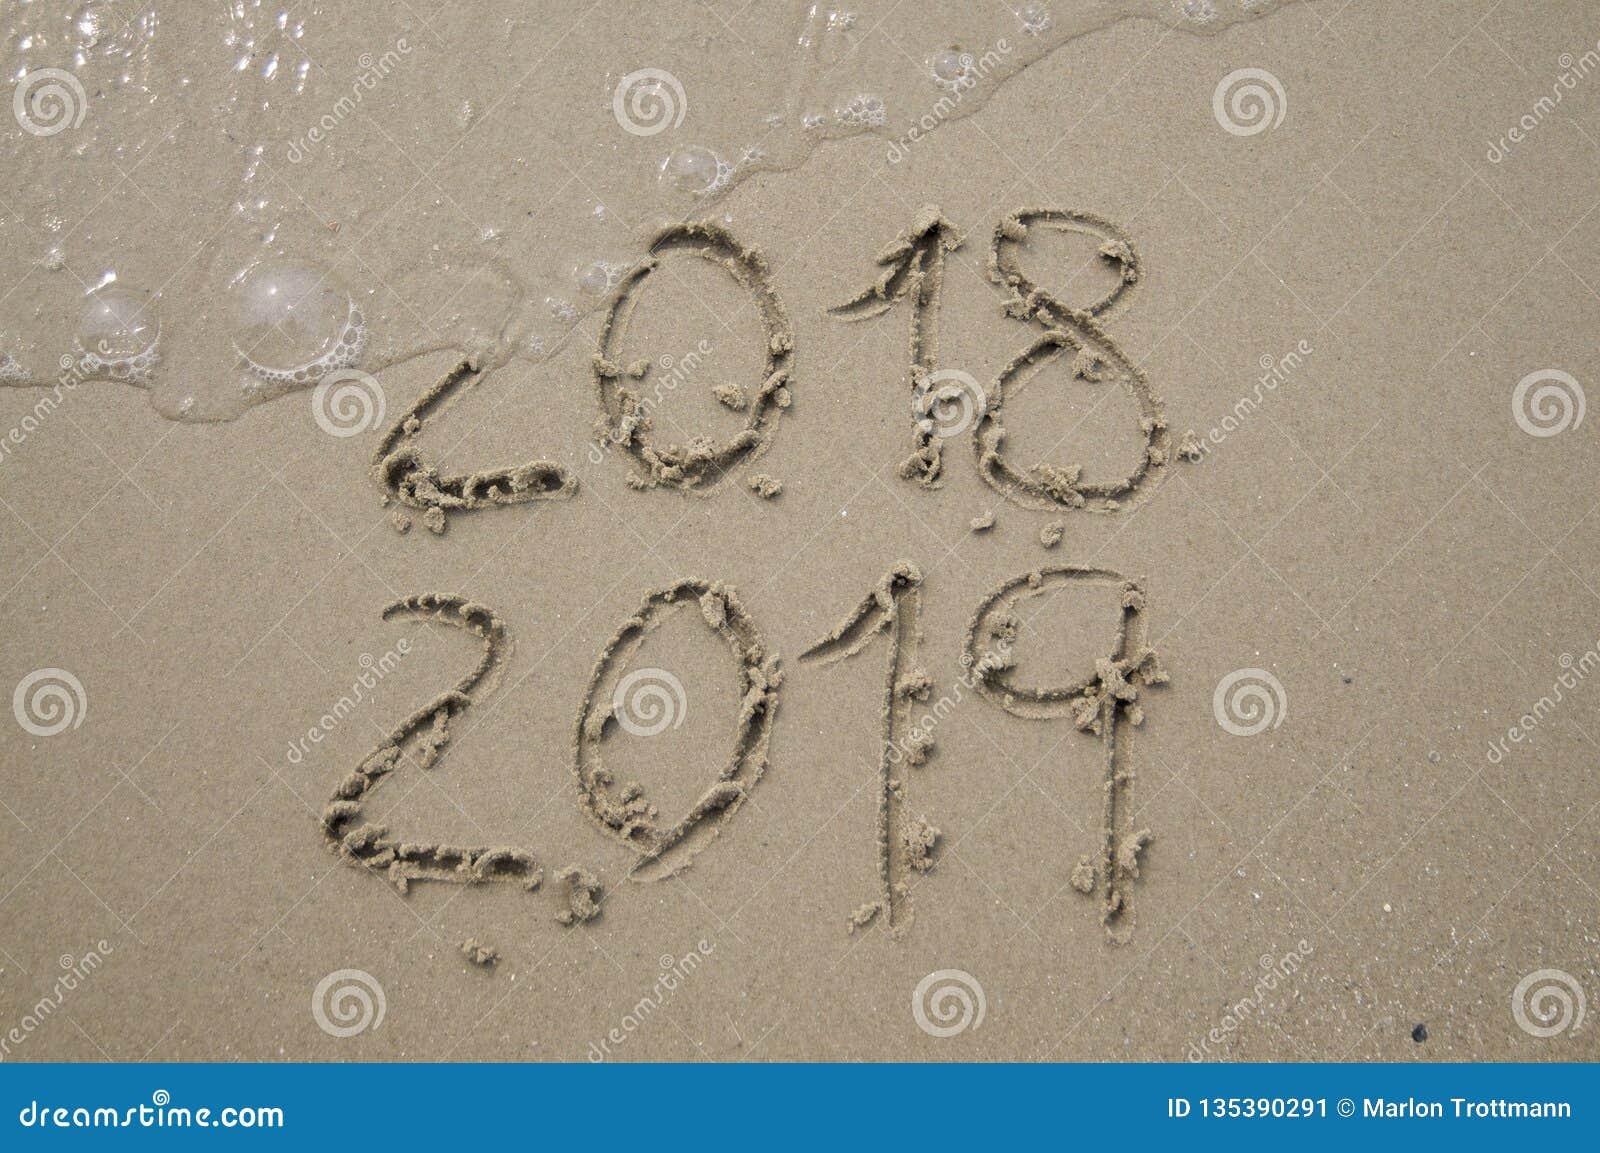 2018/2019 de transição - véspera de anos novos